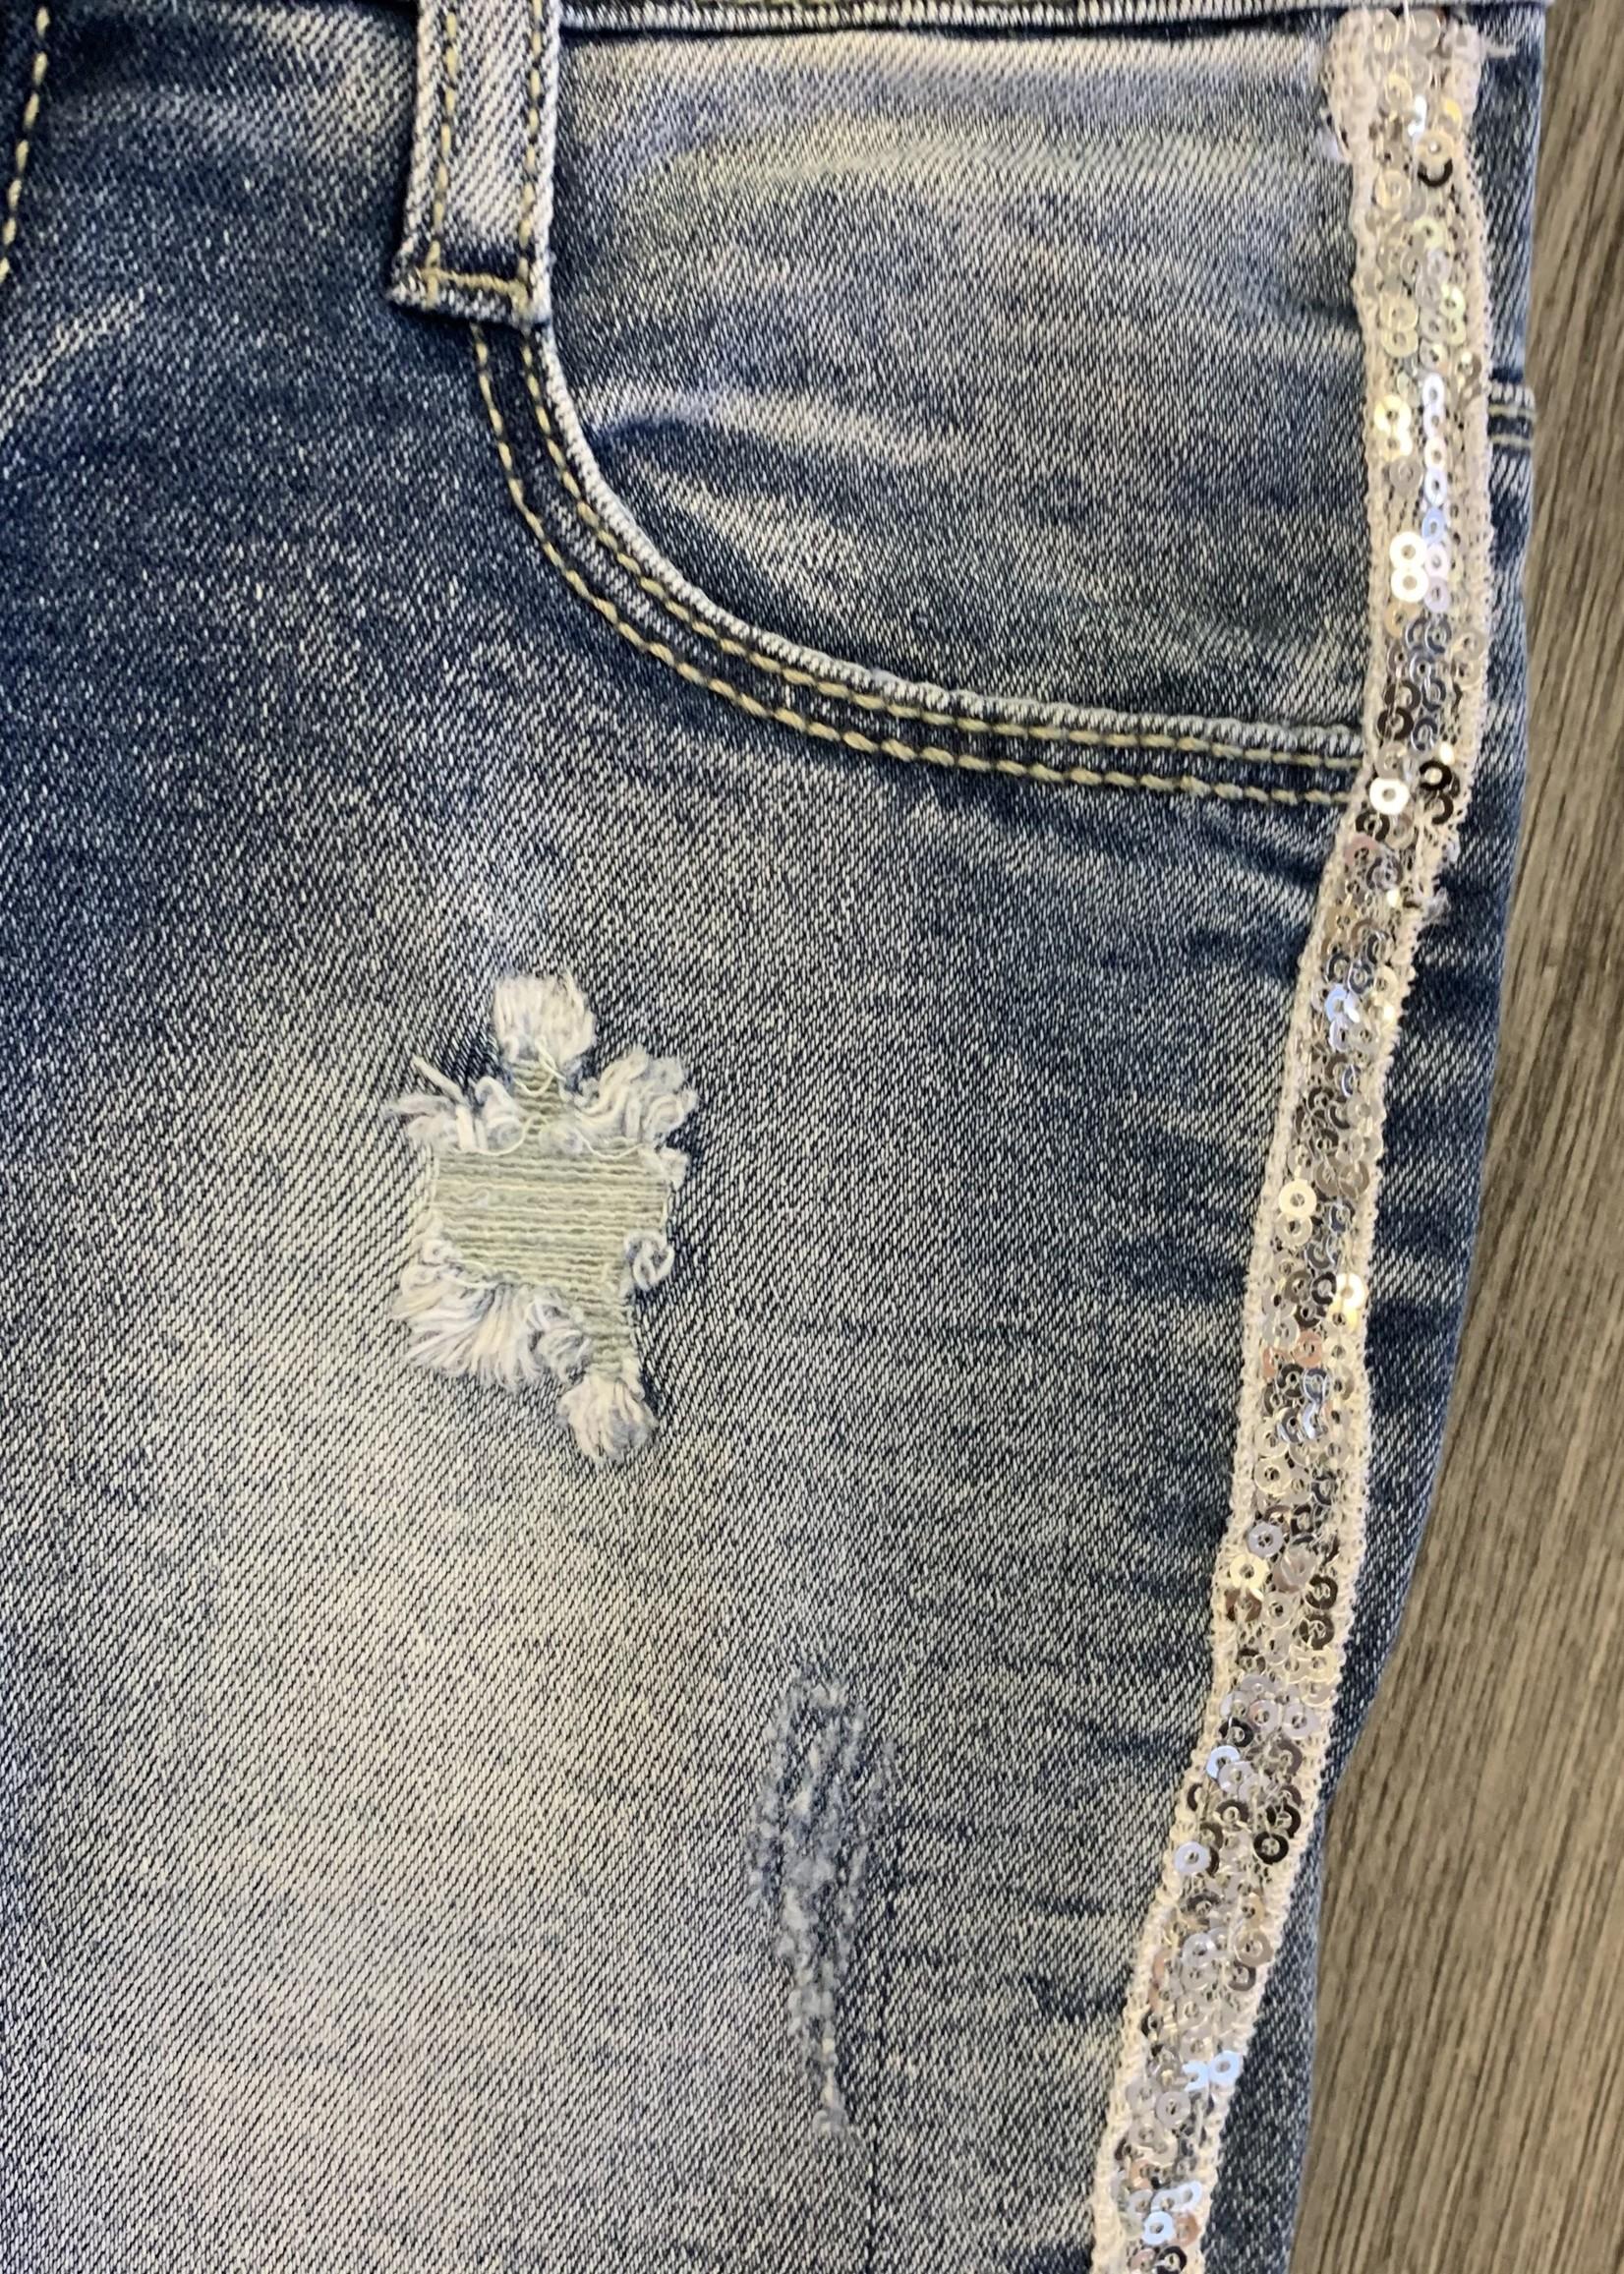 Divanis Divanis spijkerbroekje met pailletten